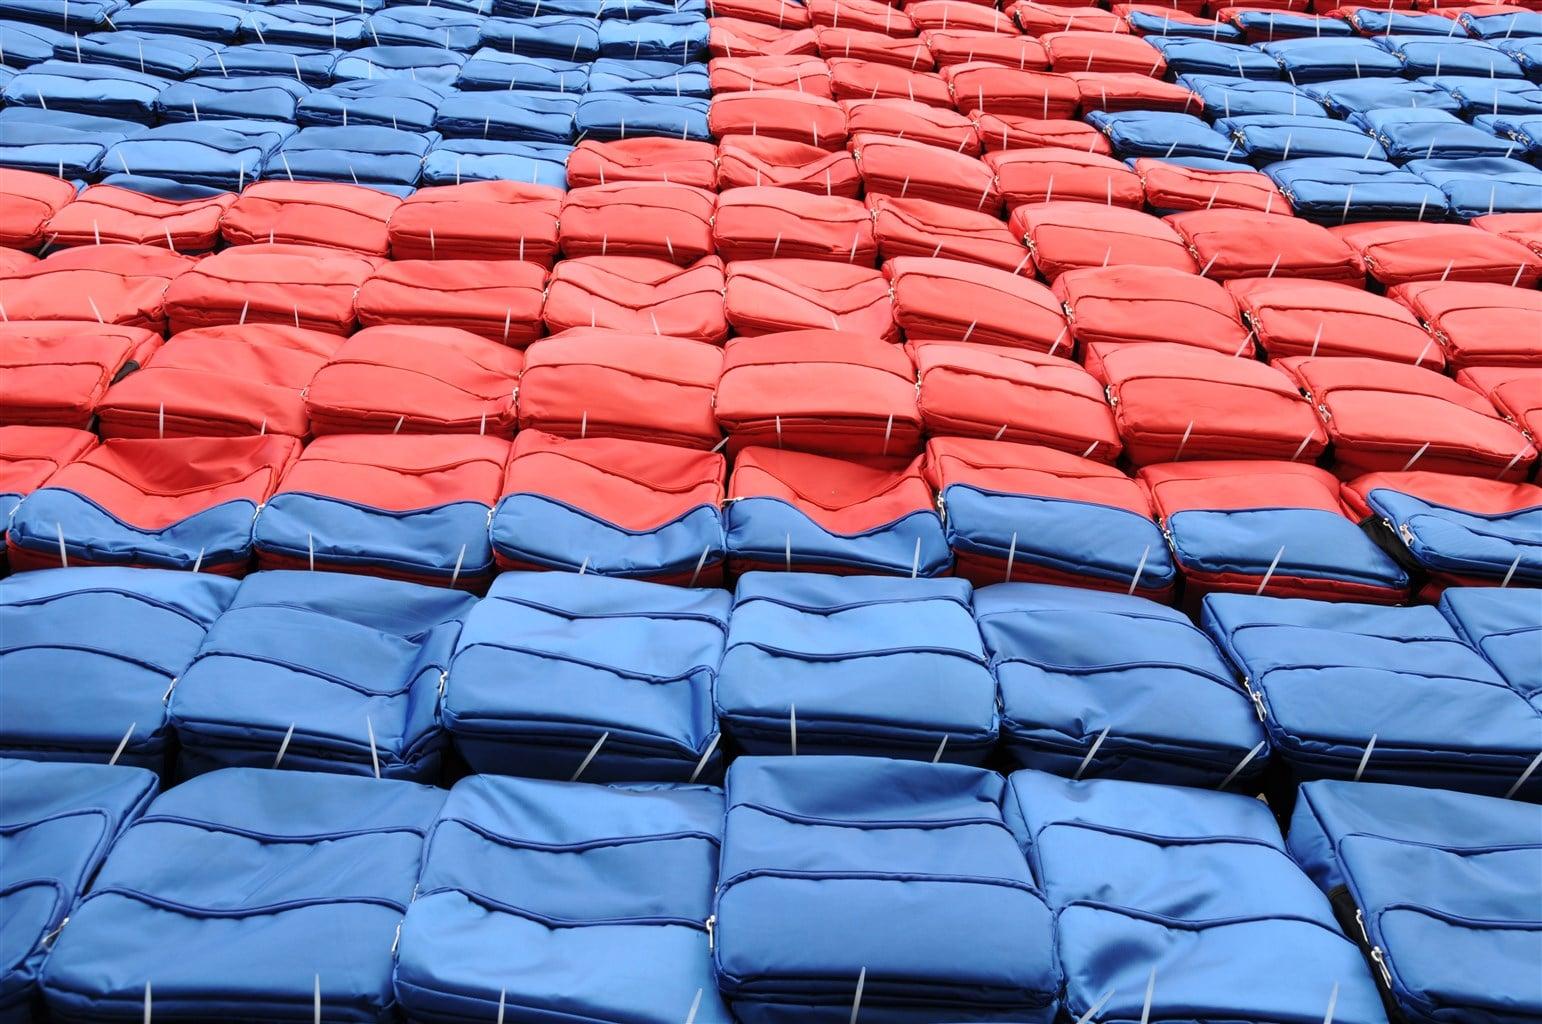 Blaue und Rote Rücksäcke in Reihen angeordnet